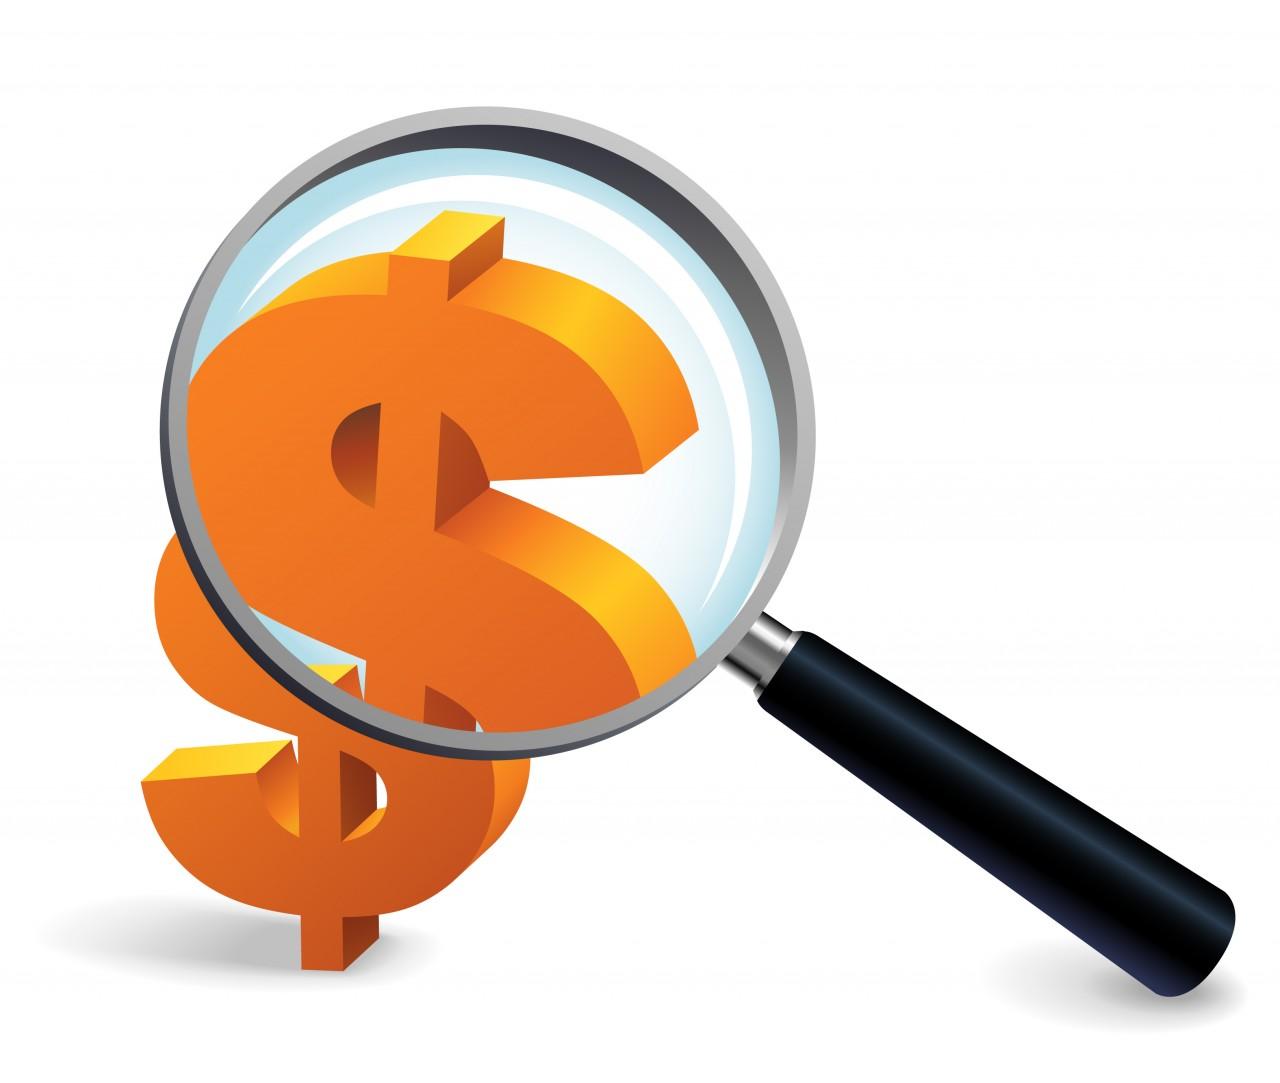 @增值税一般纳税人:使用新申报表进行纳税申报,需注意这些变化